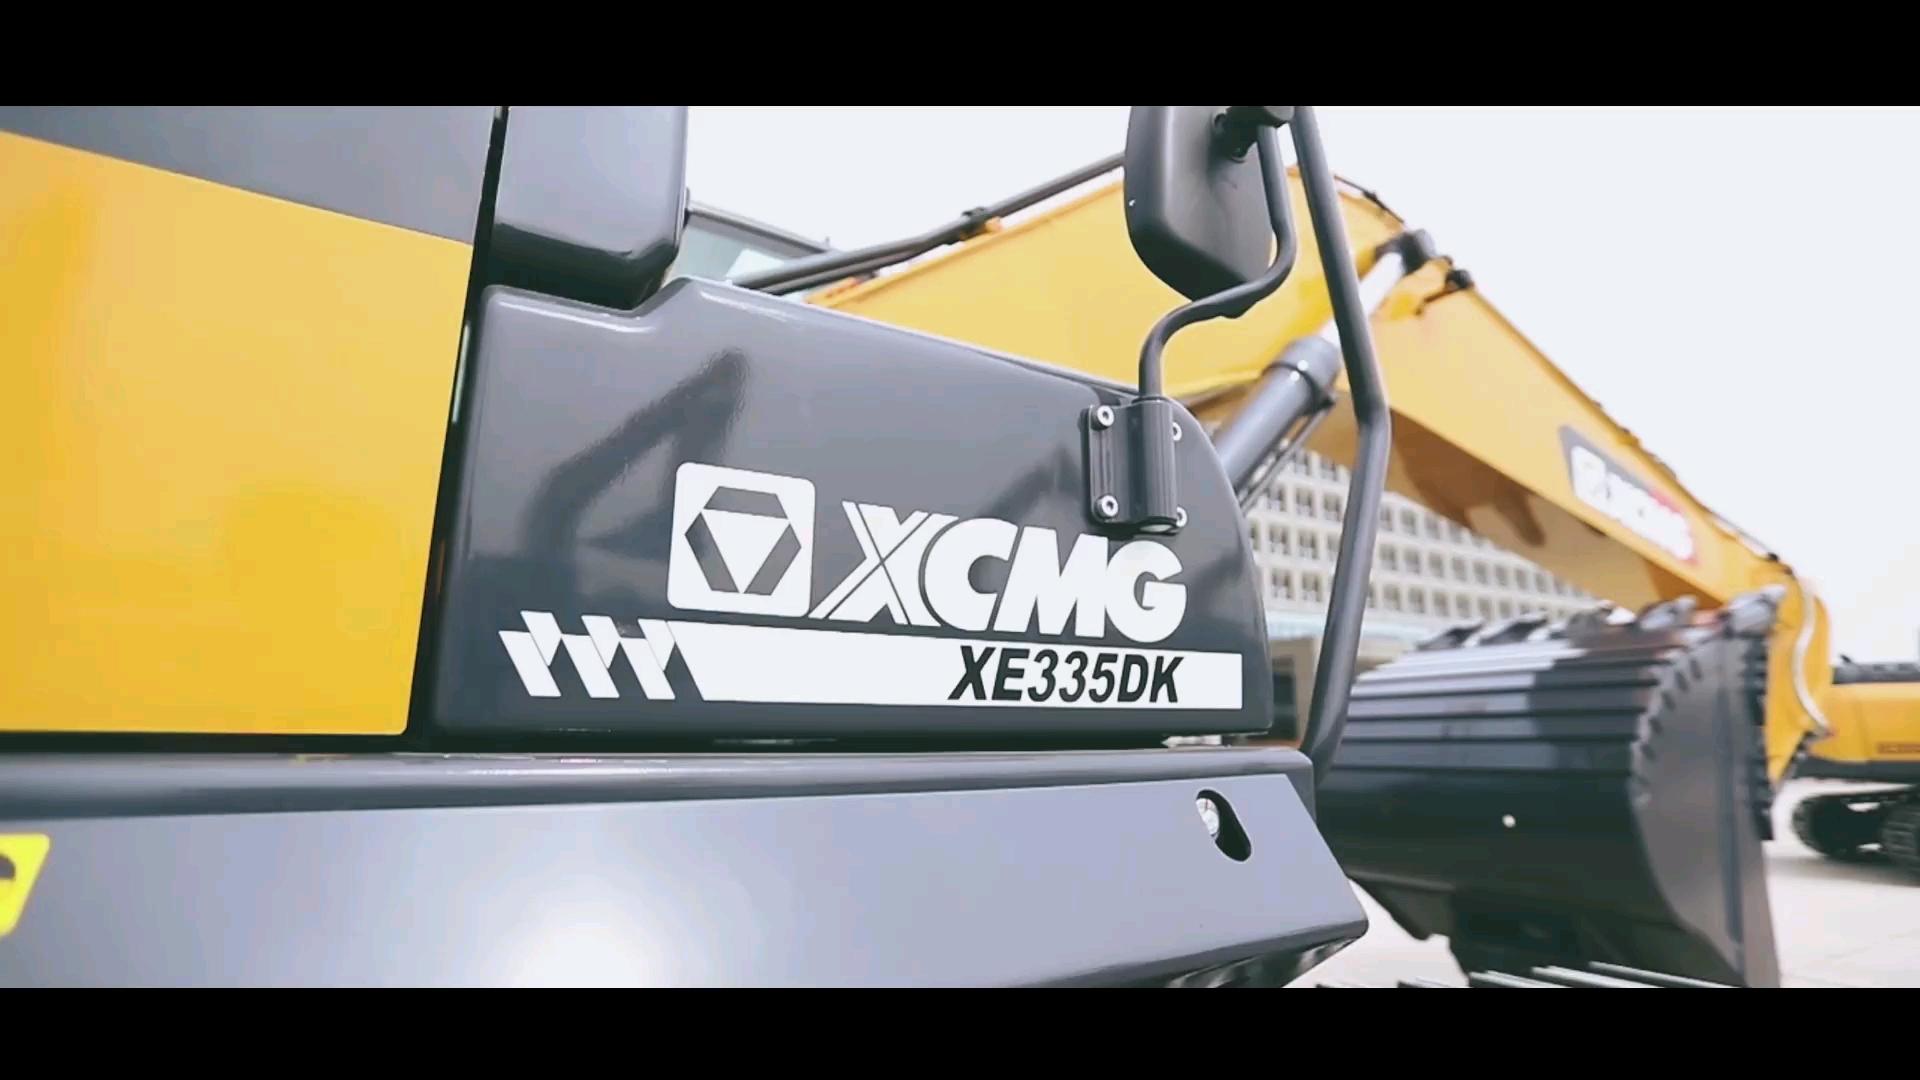 1年多装5000车,徐工XE335DK怎么做到的?